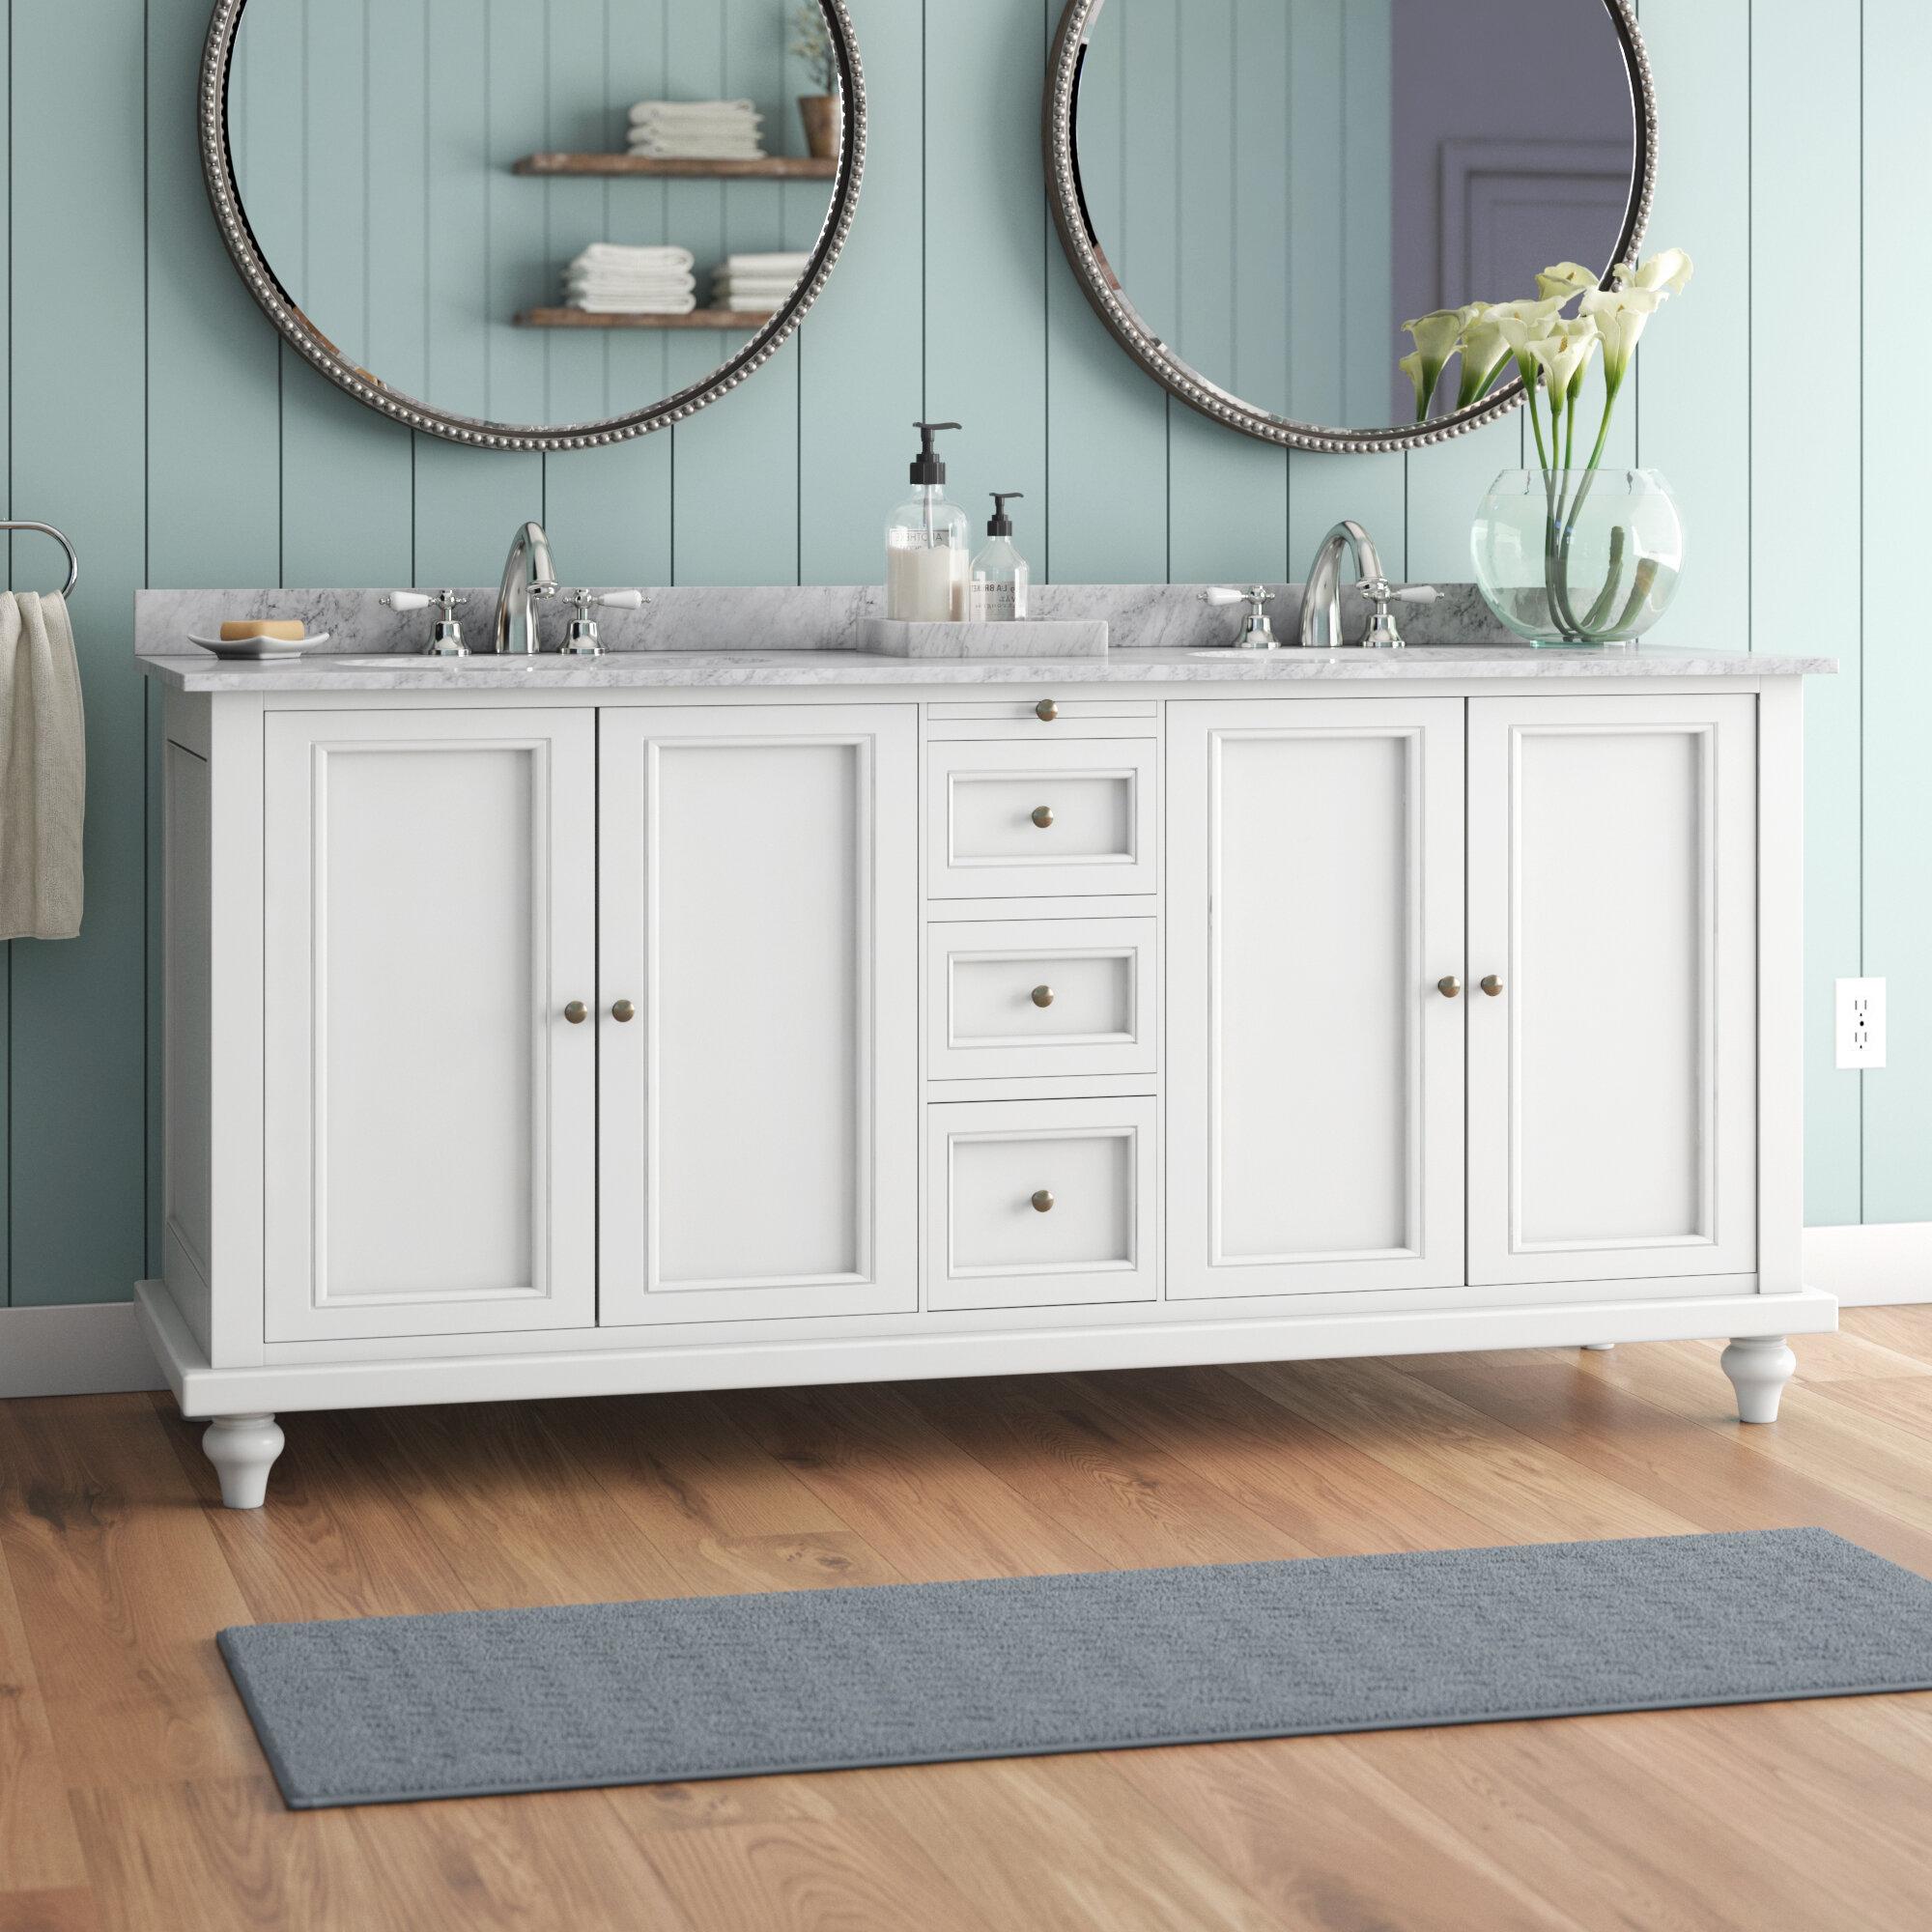 Charlton Home Medfield 71 Double Bathroom Vanity Set Reviews Wayfair